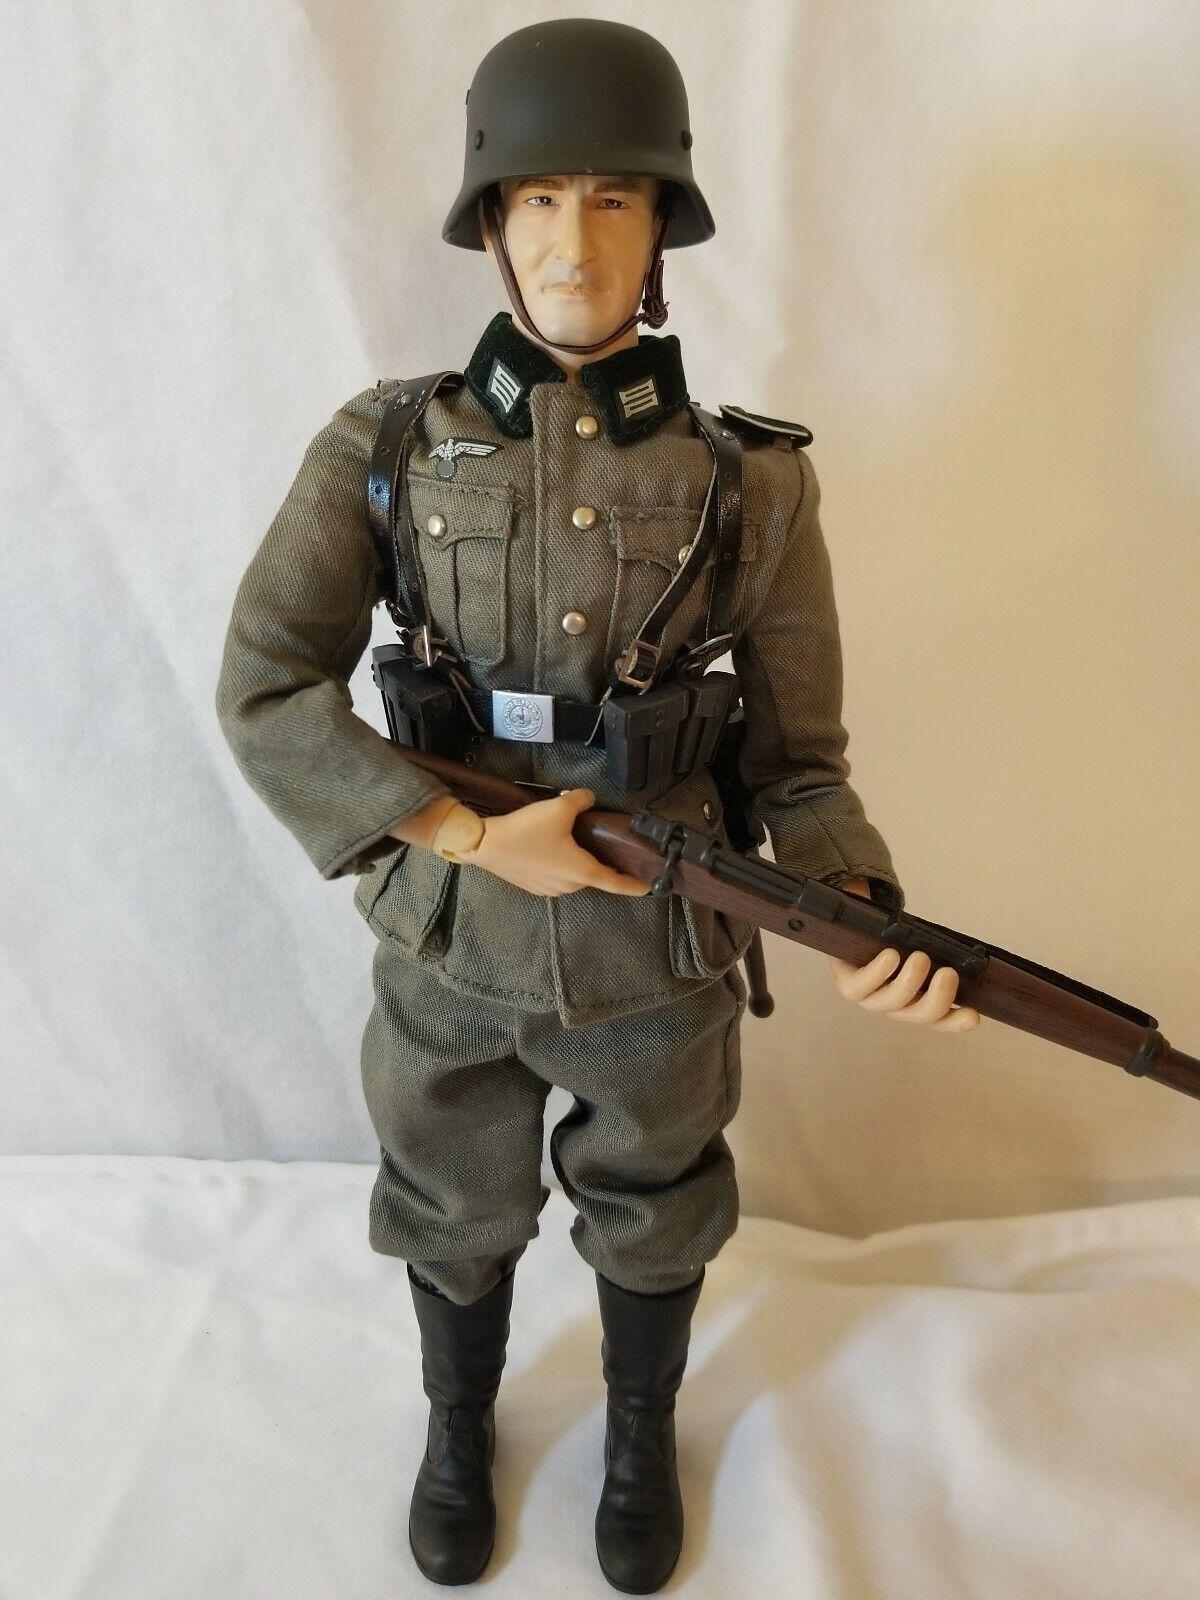 Dragon Modelos 1 6th escala Personalizado Wehrmacht alemana Heer Rifleman